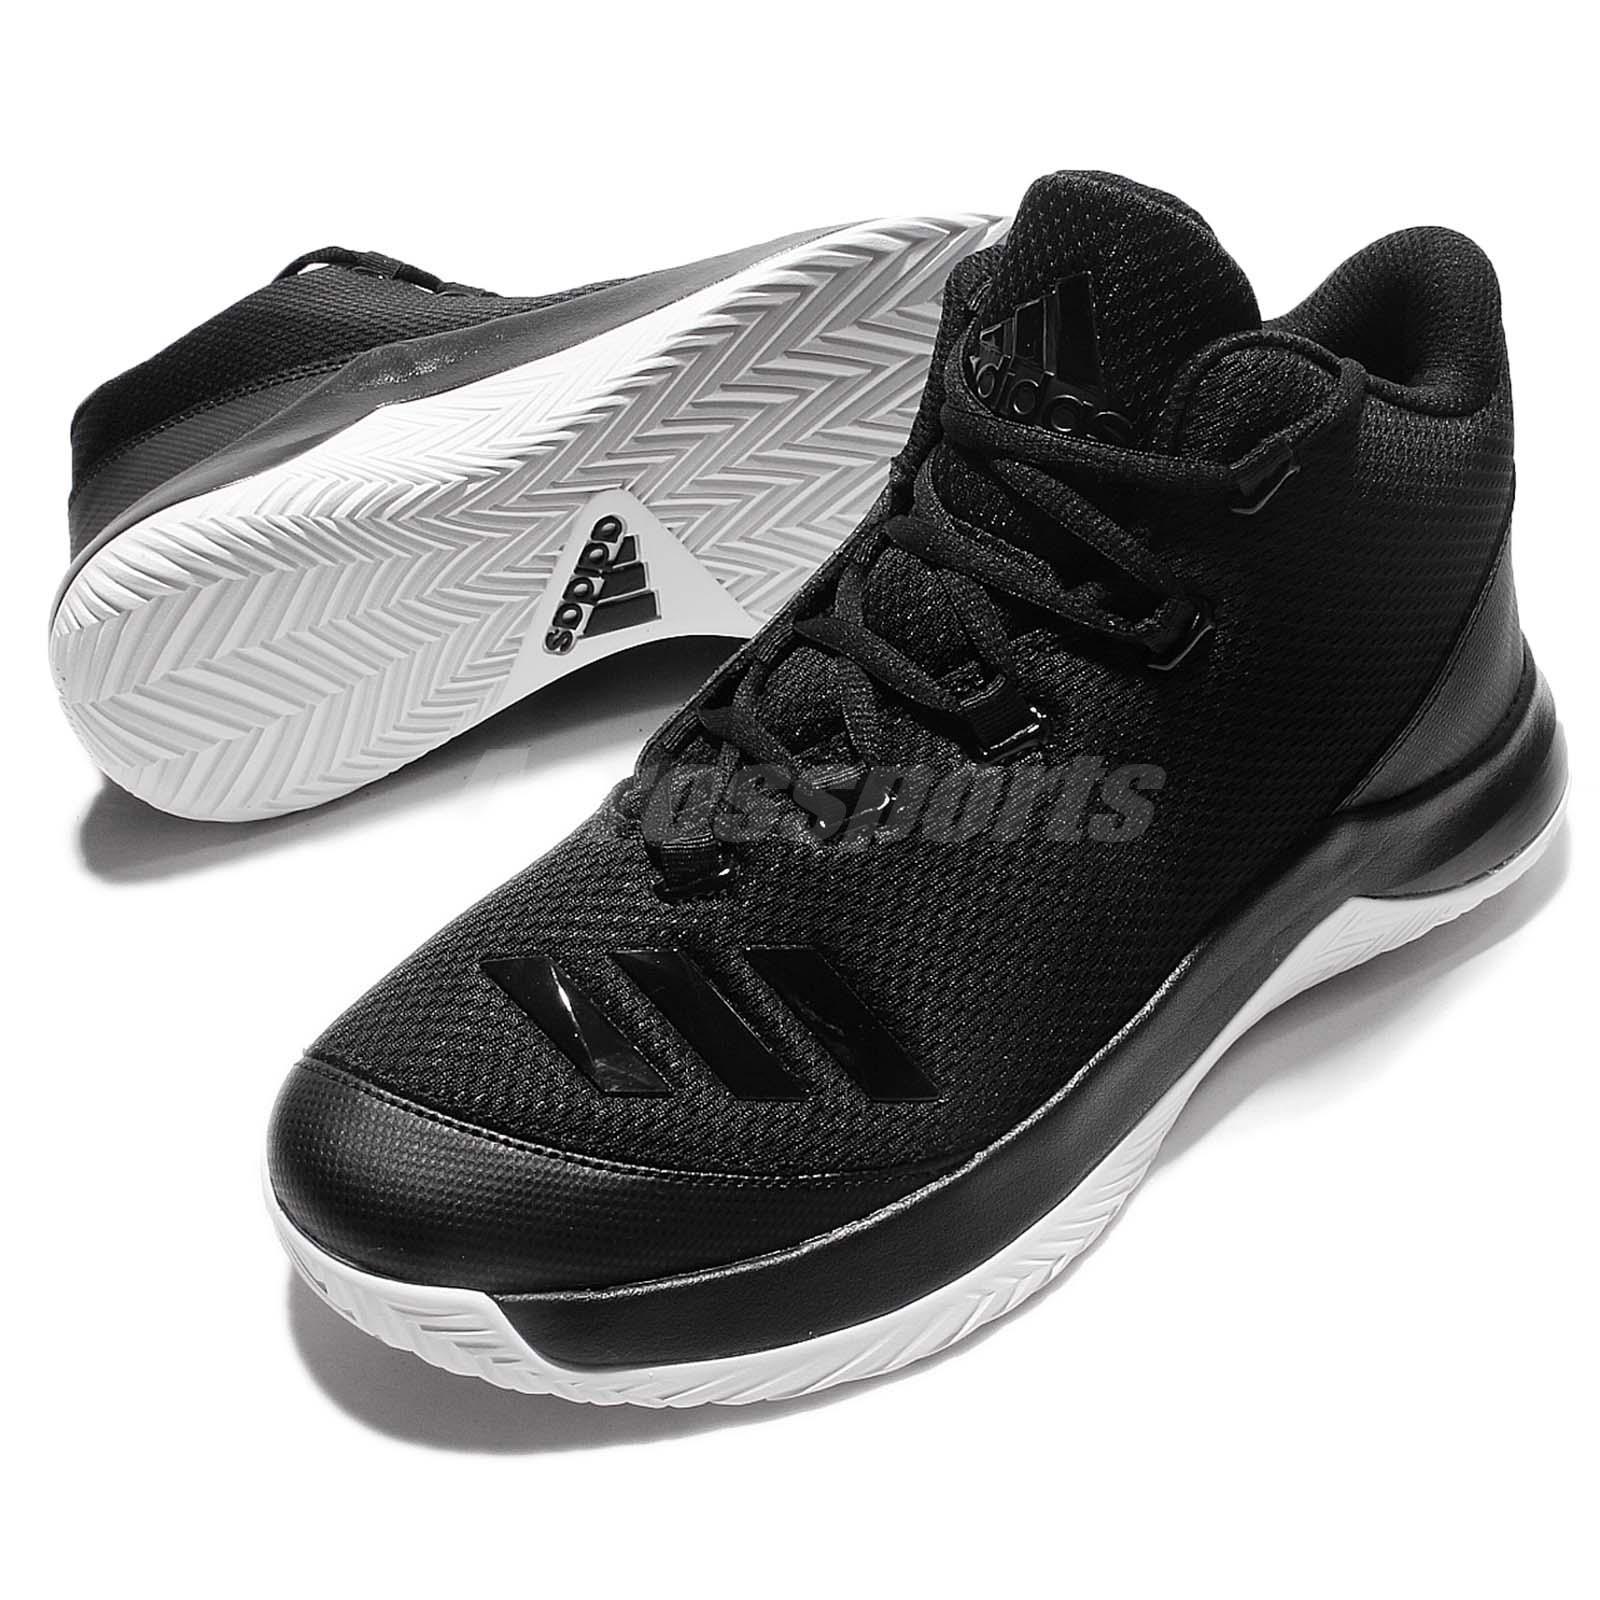 adidas basketball size chart